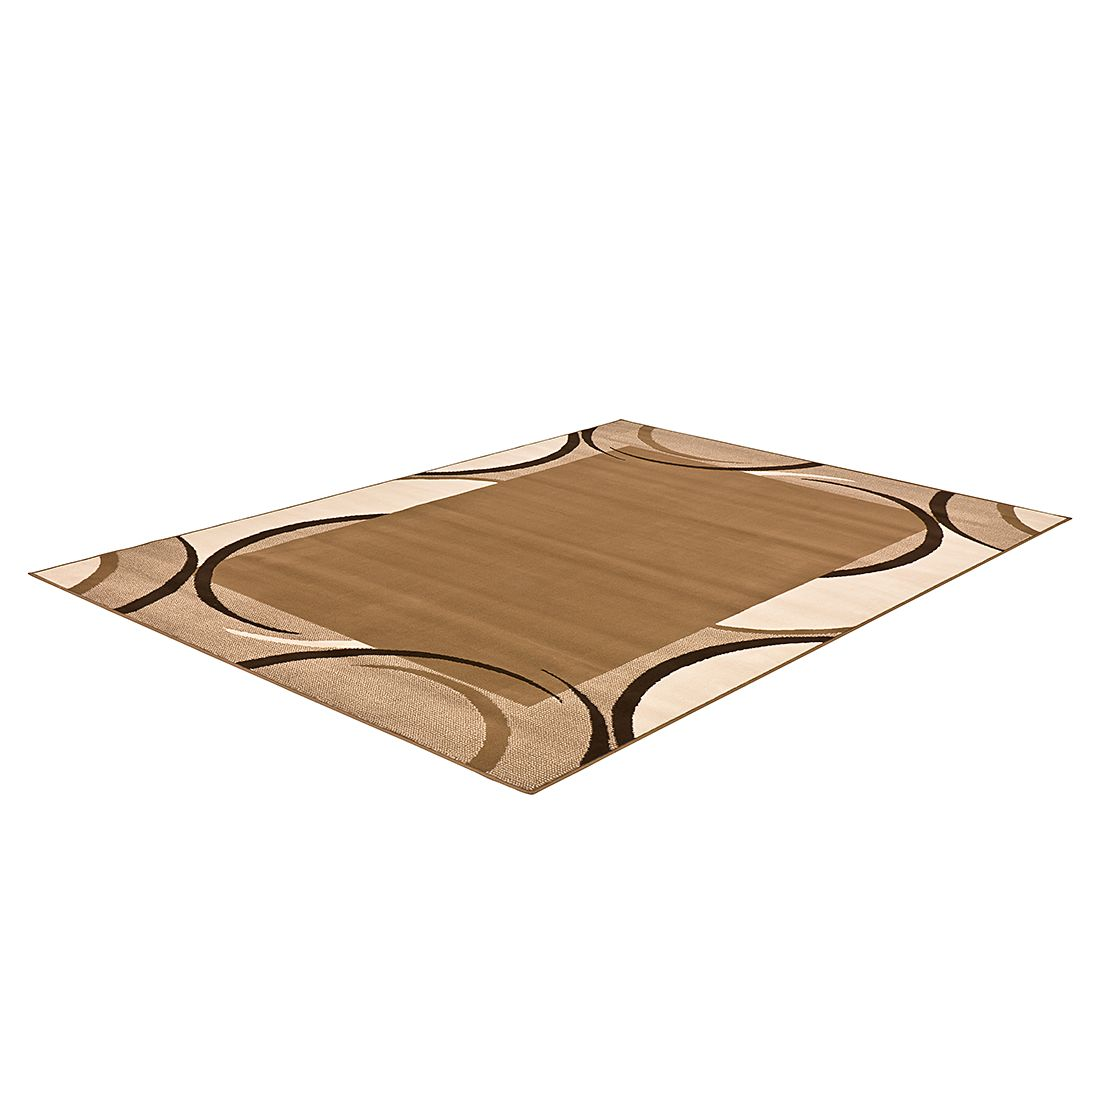 Teppich Prime Pile Circular – Beige – 120 x 170 cm, Hanse Home Collection günstig kaufen